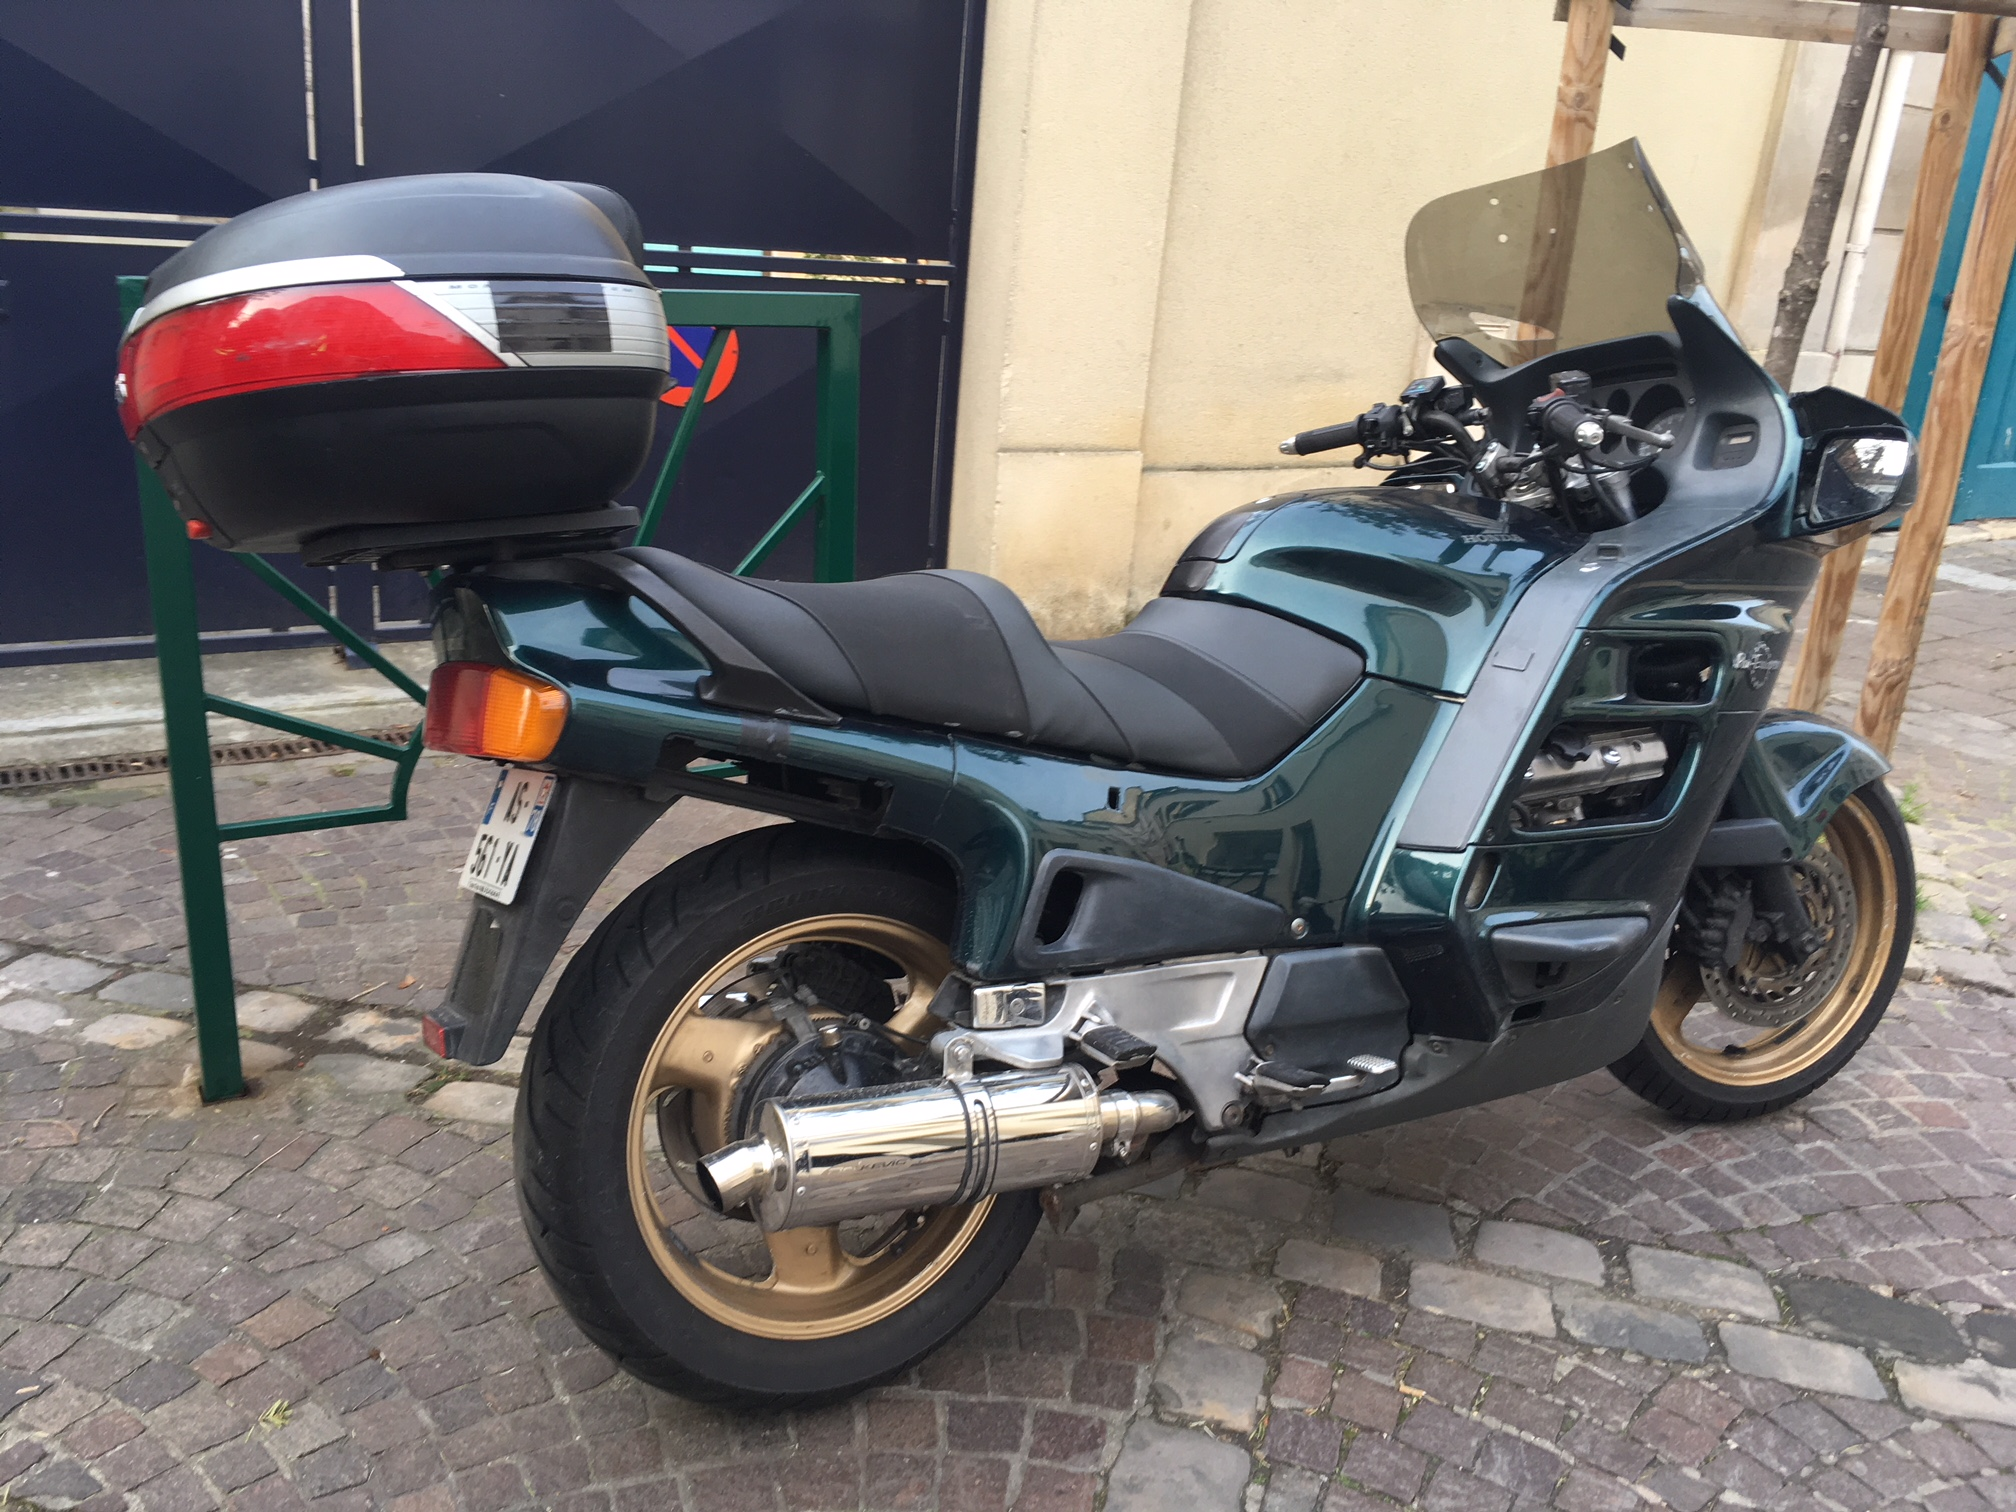 Honda Pan-européan 1100 : la routière modèle